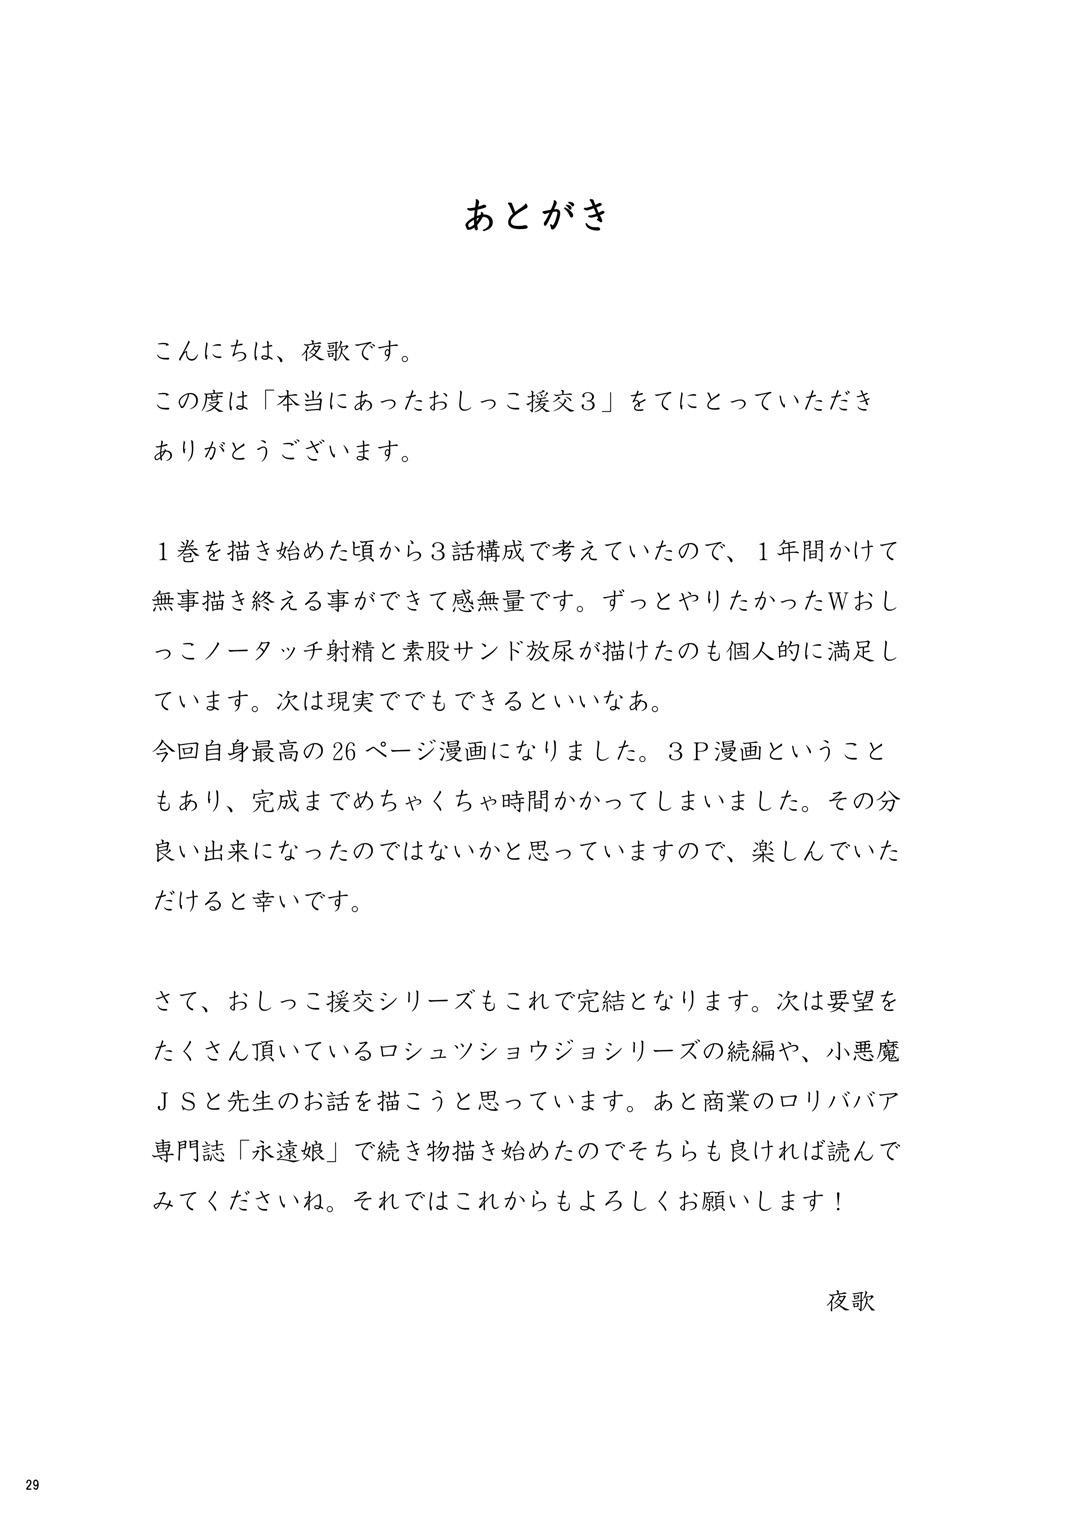 Hontou ni Atta Oshikko Enkou 3 27